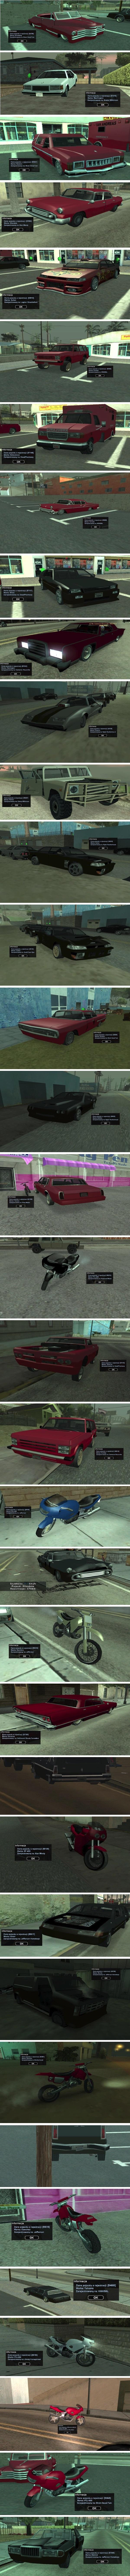 Pojazd_taki_ze_hey.jpg